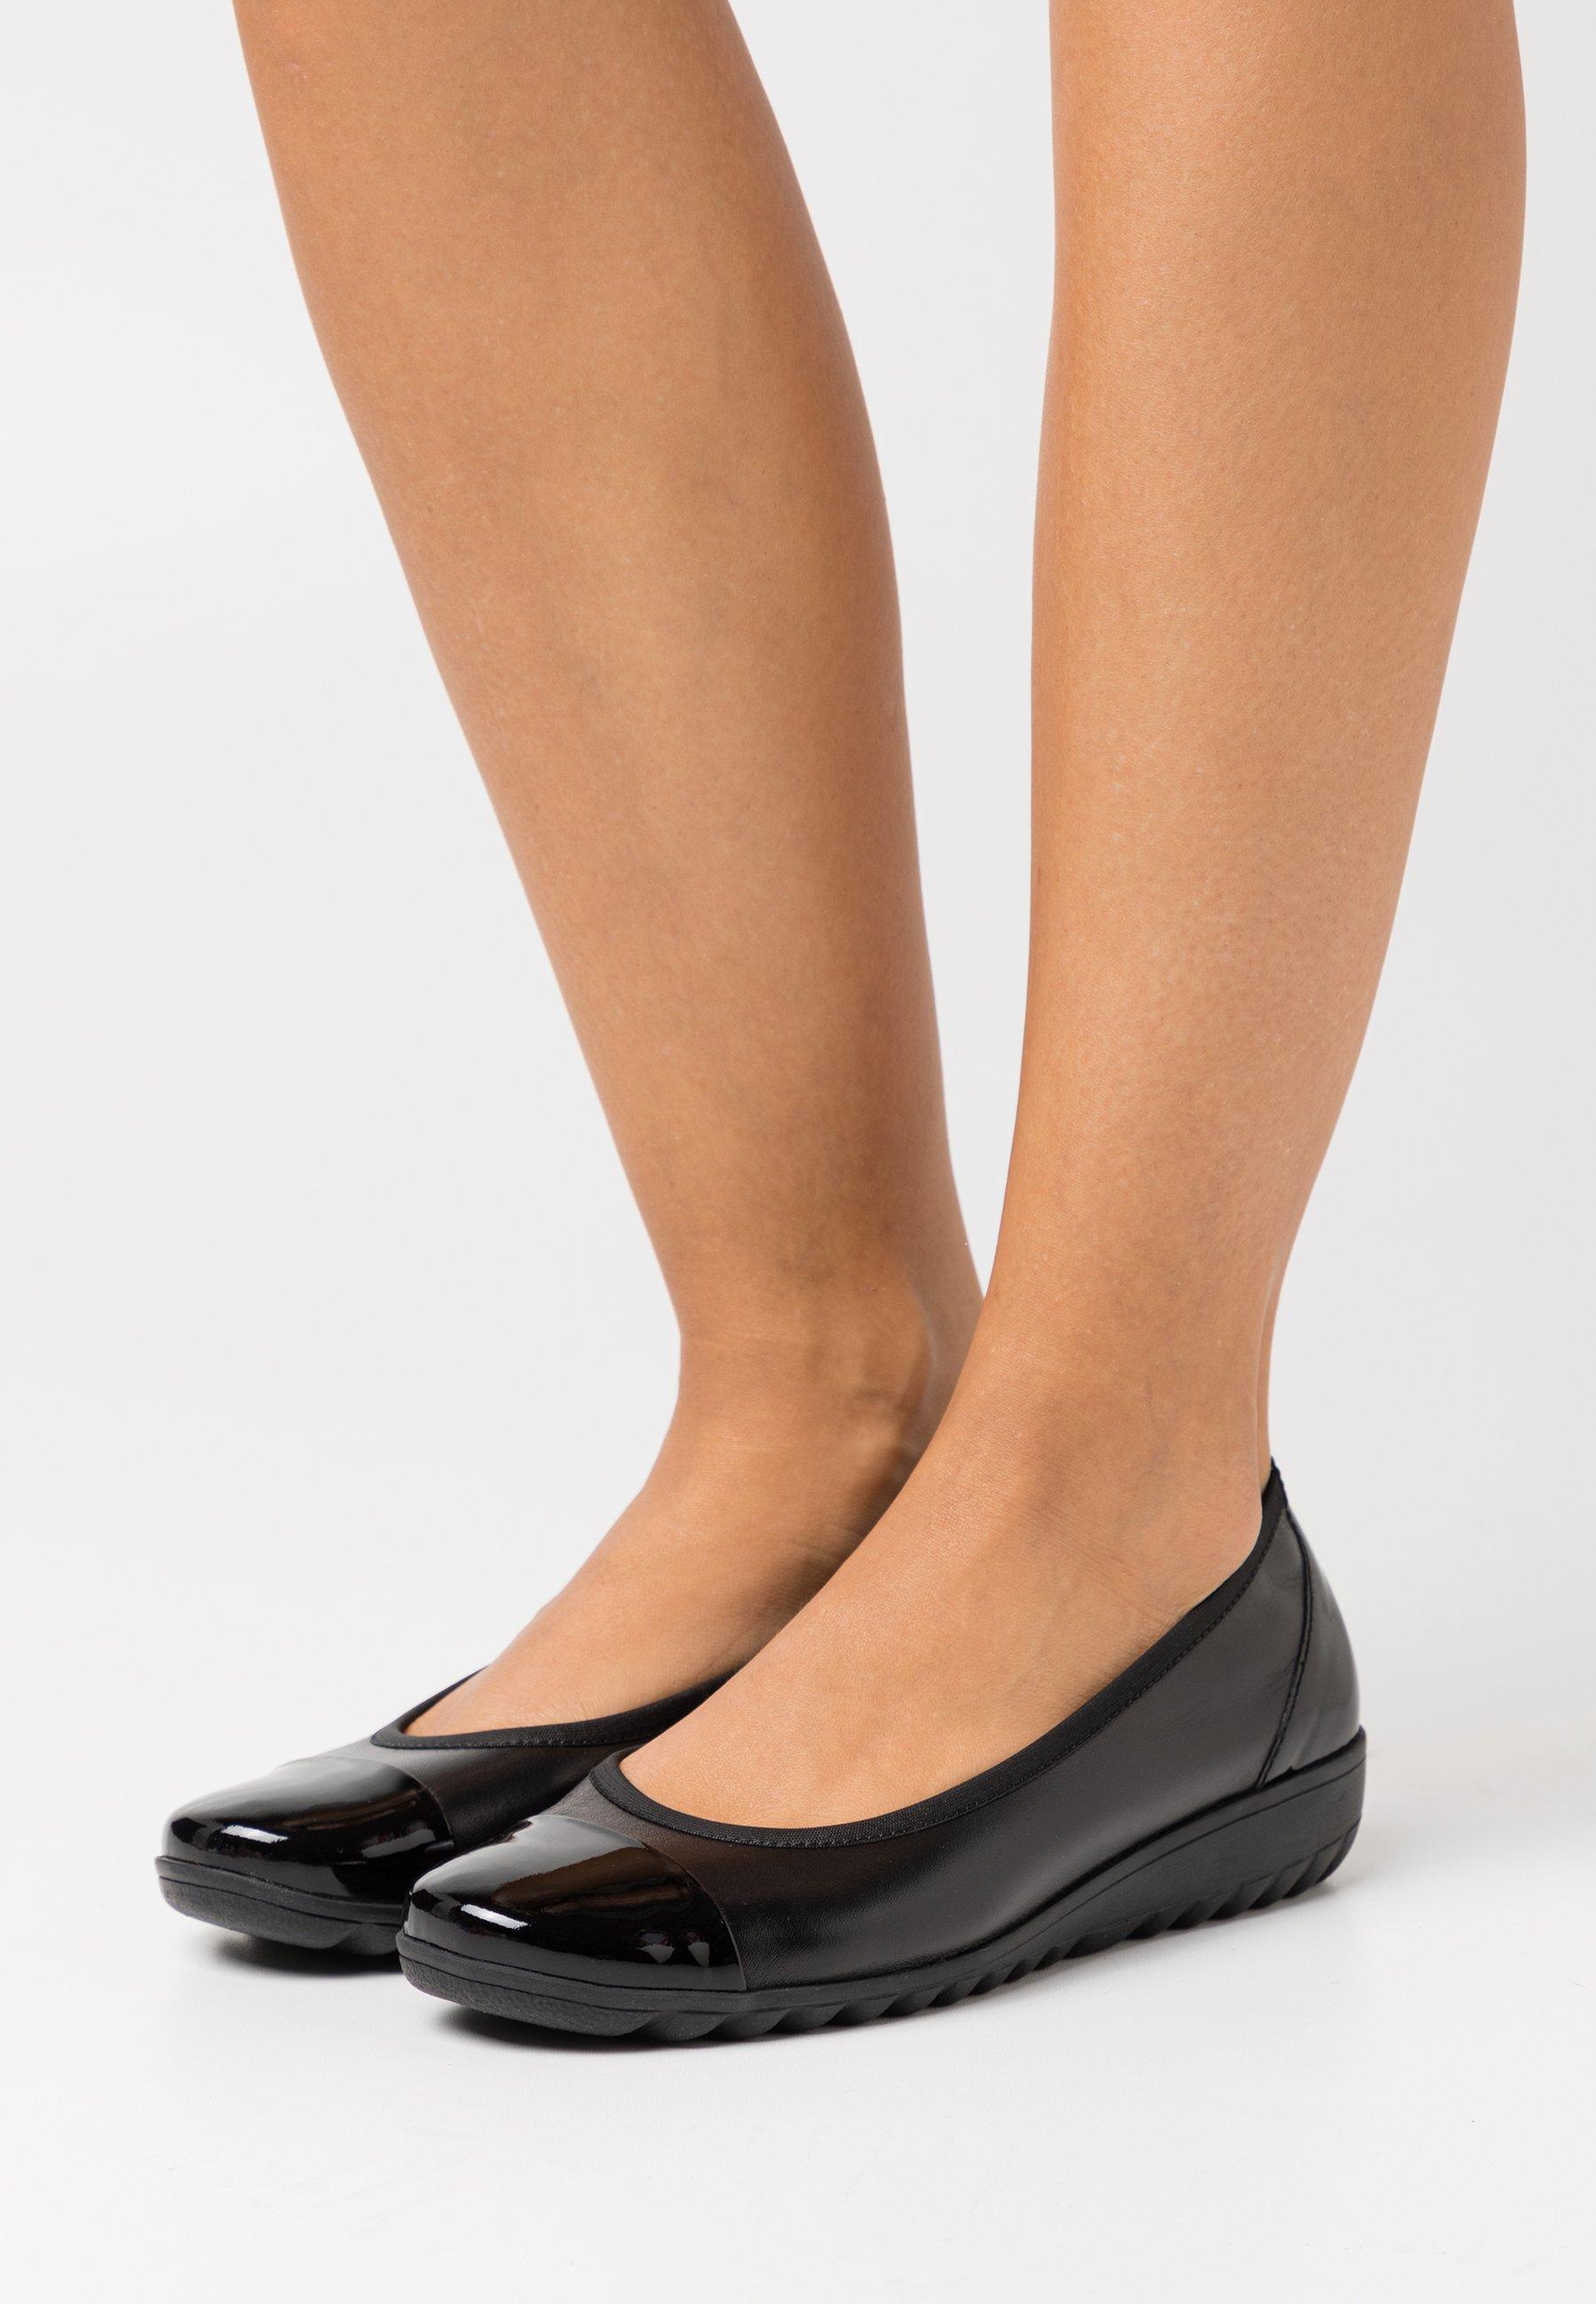 Women COURT SHOE - Ballet pumps - black